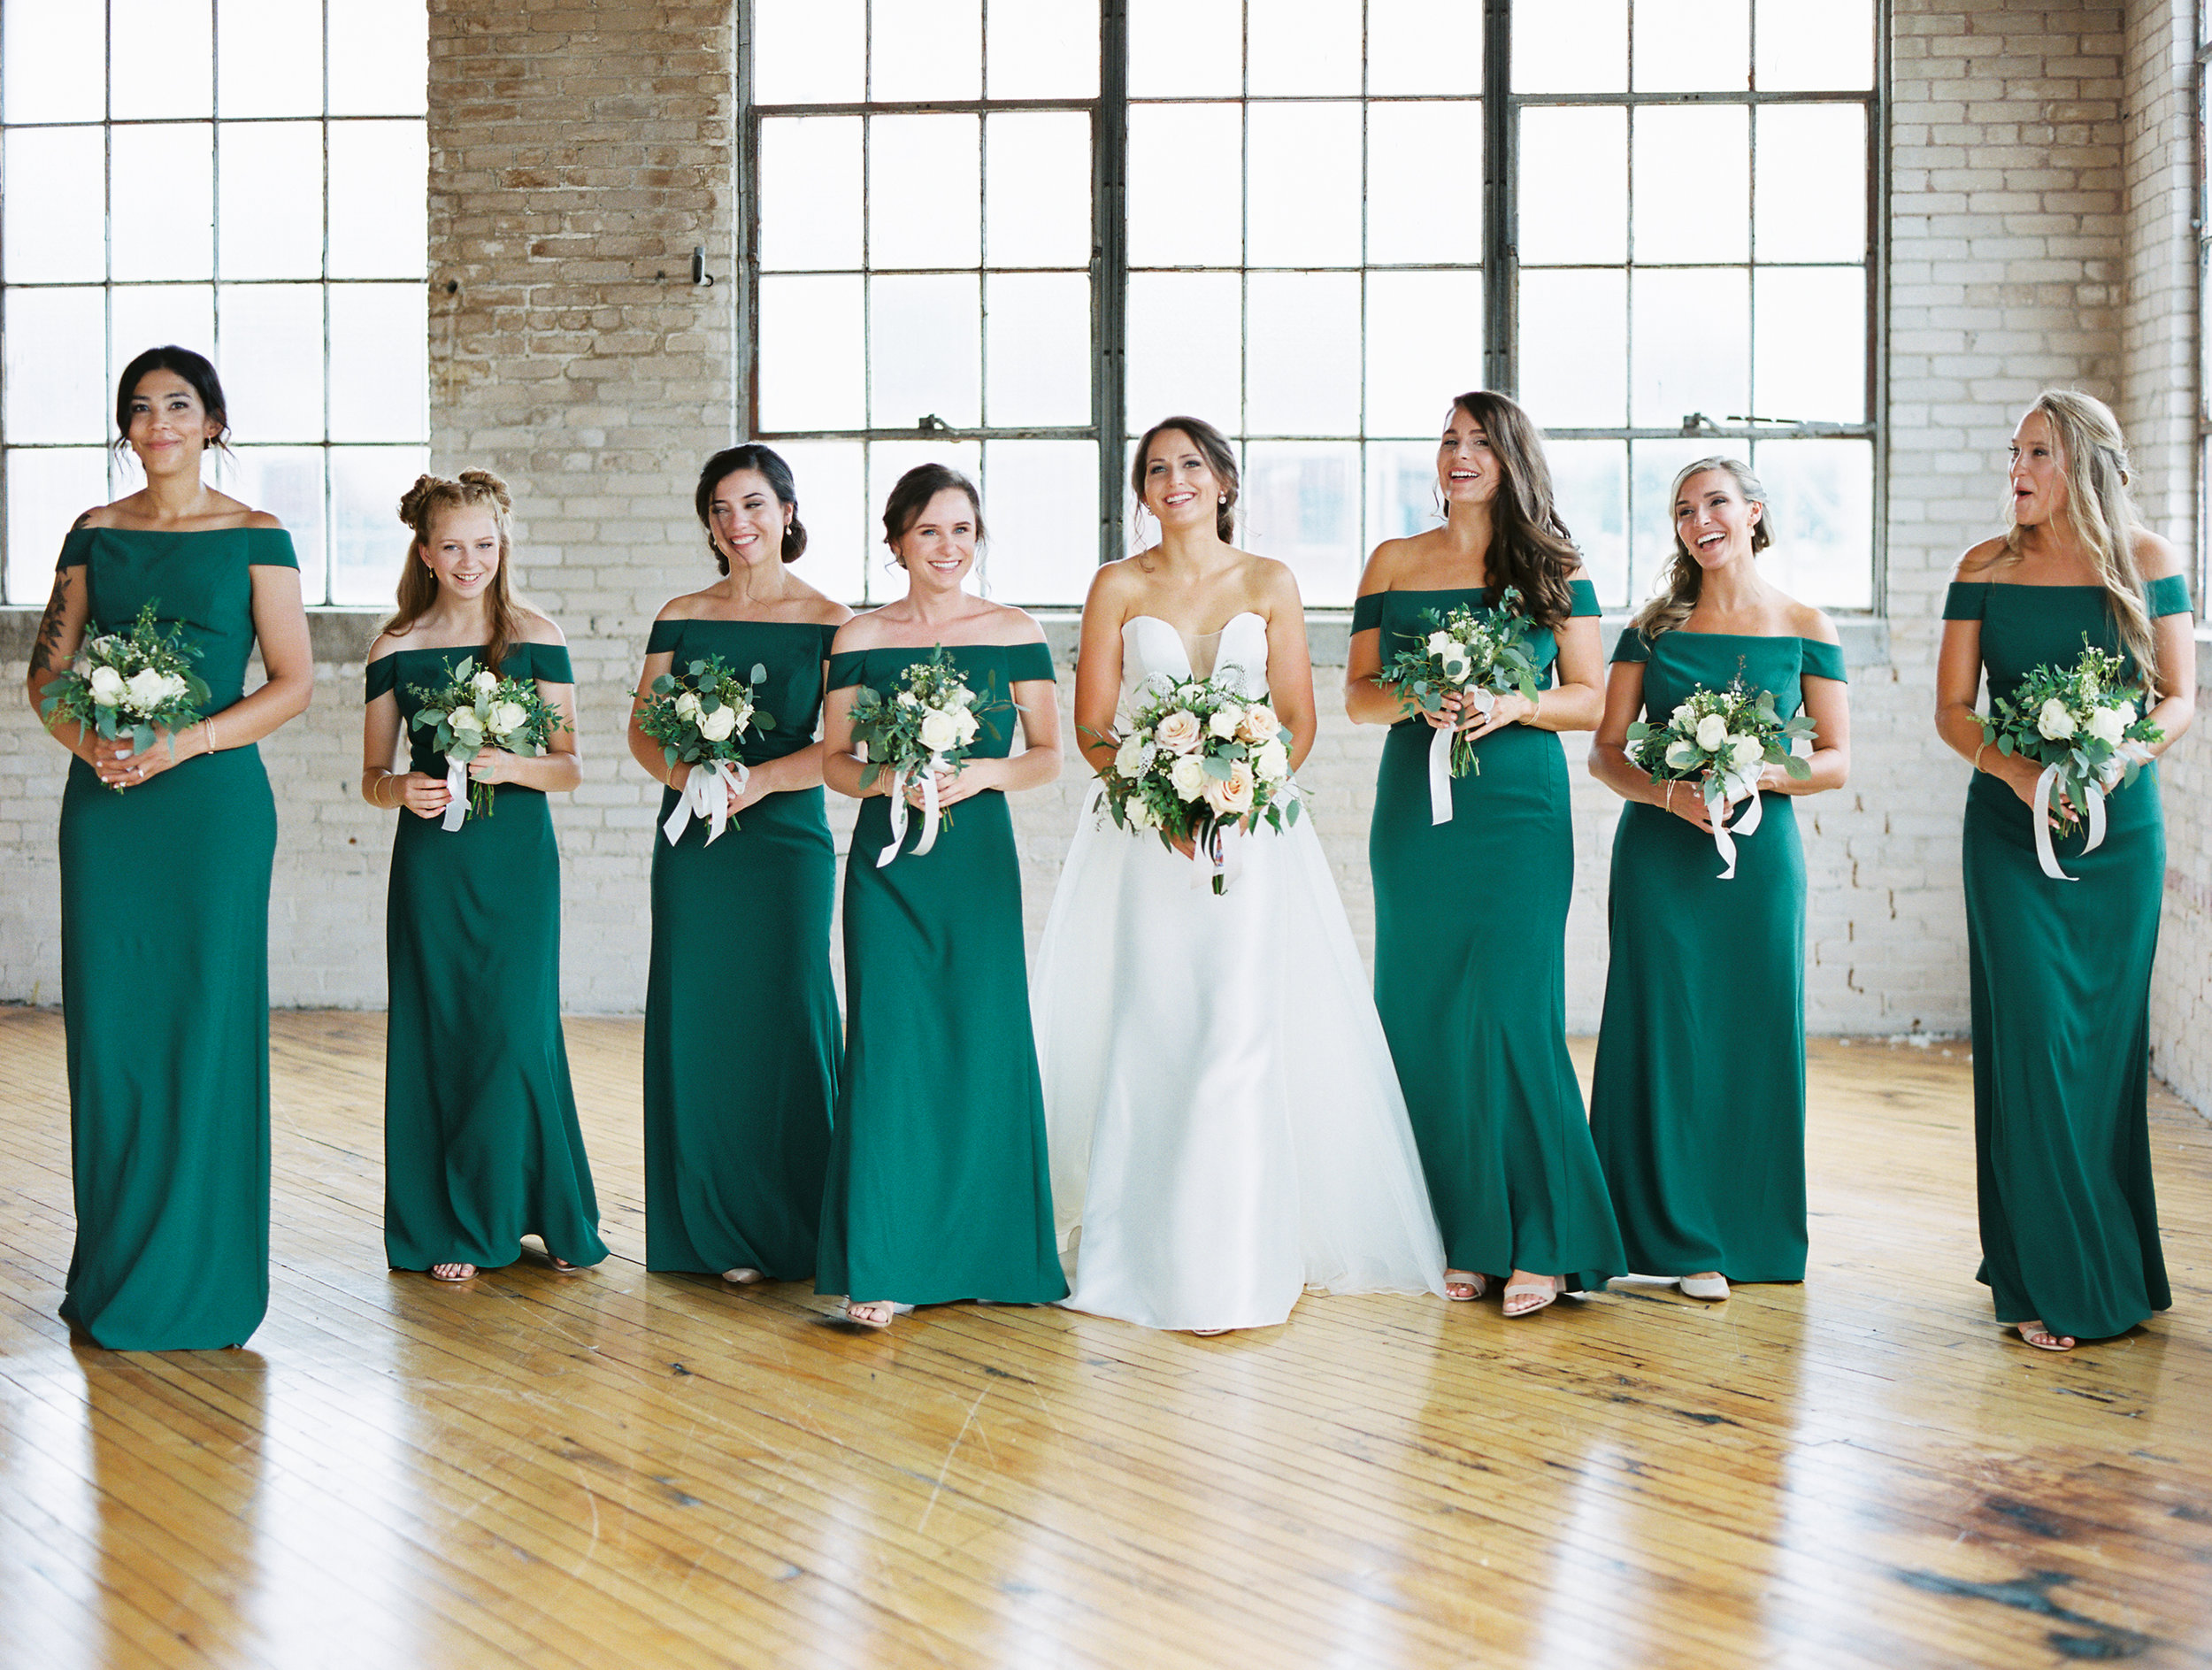 Steiner+Wedding+Bride+Bridesmaids-68.jpg